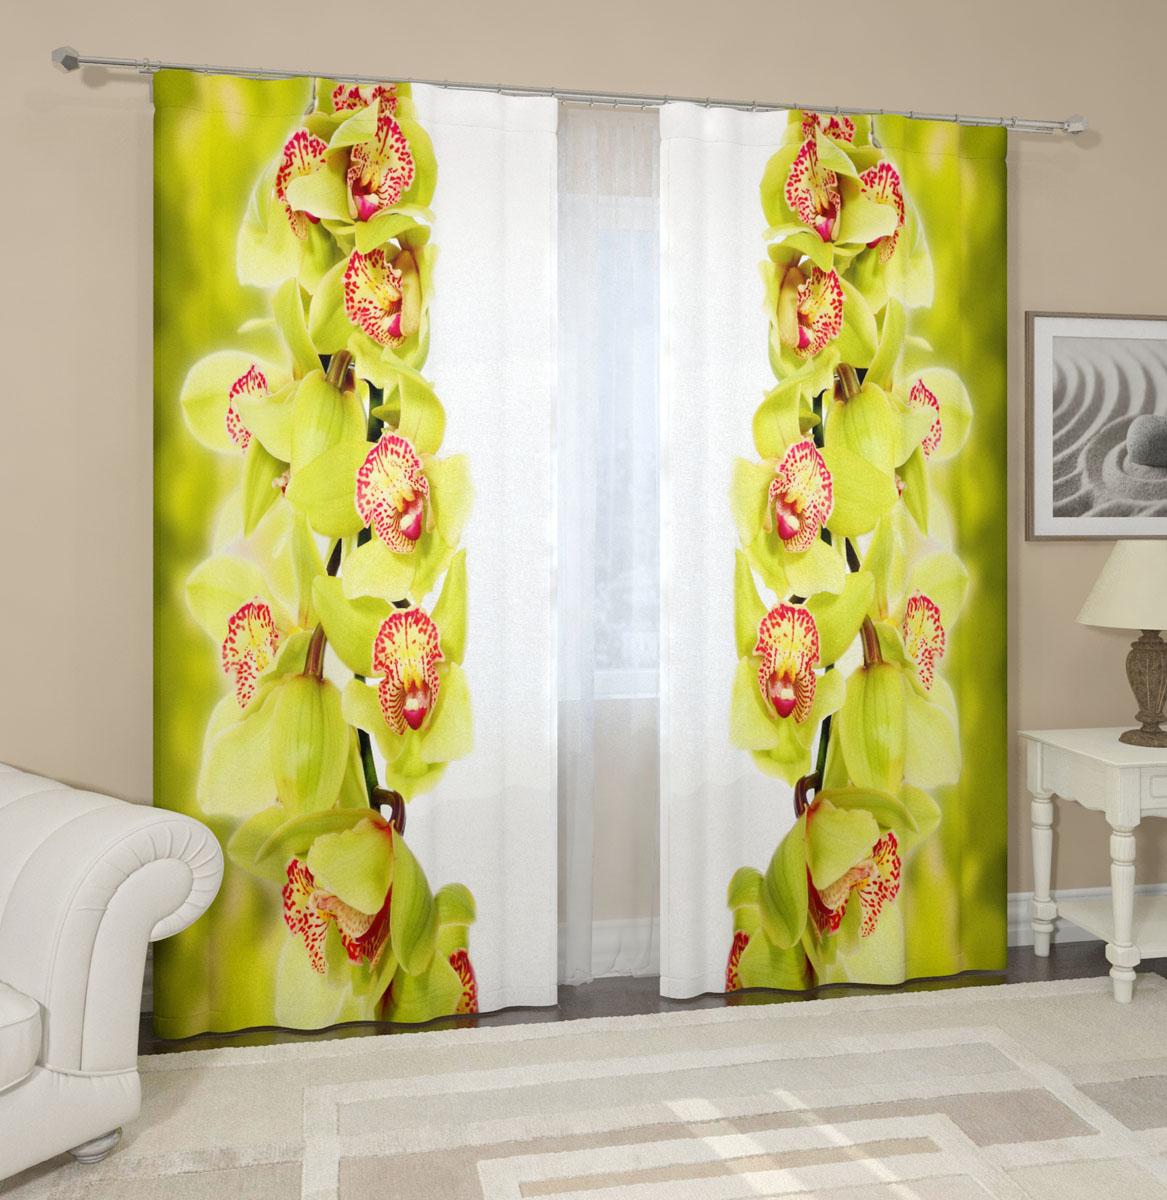 Комплект фотоштор Сирень Ветки зеленой орхидеи, на ленте, высота 260 см01787-20.000.00Фотошторы Сирень Ветки зеленой орхидеи, выполненные из габардина (100% полиэстера), отлично дополнят украшение любого интерьера. Особенностью ткани габардин является небольшая плотность, из-за чего ткань хорошо пропускает воздух и солнечный свет. Ткань хорошо держит форму, не требует специального ухода. Крепление на карниз при помощи шторной ленты на крючки. В комплекте 2 шторы. Ширина одного полотна: 145 см.Высота штор: 260 см.Рекомендации по уходу: стирка при 30 градусах, гладить при температуре до 110 градусов.Изображение на мониторе может немного отличаться от реального.